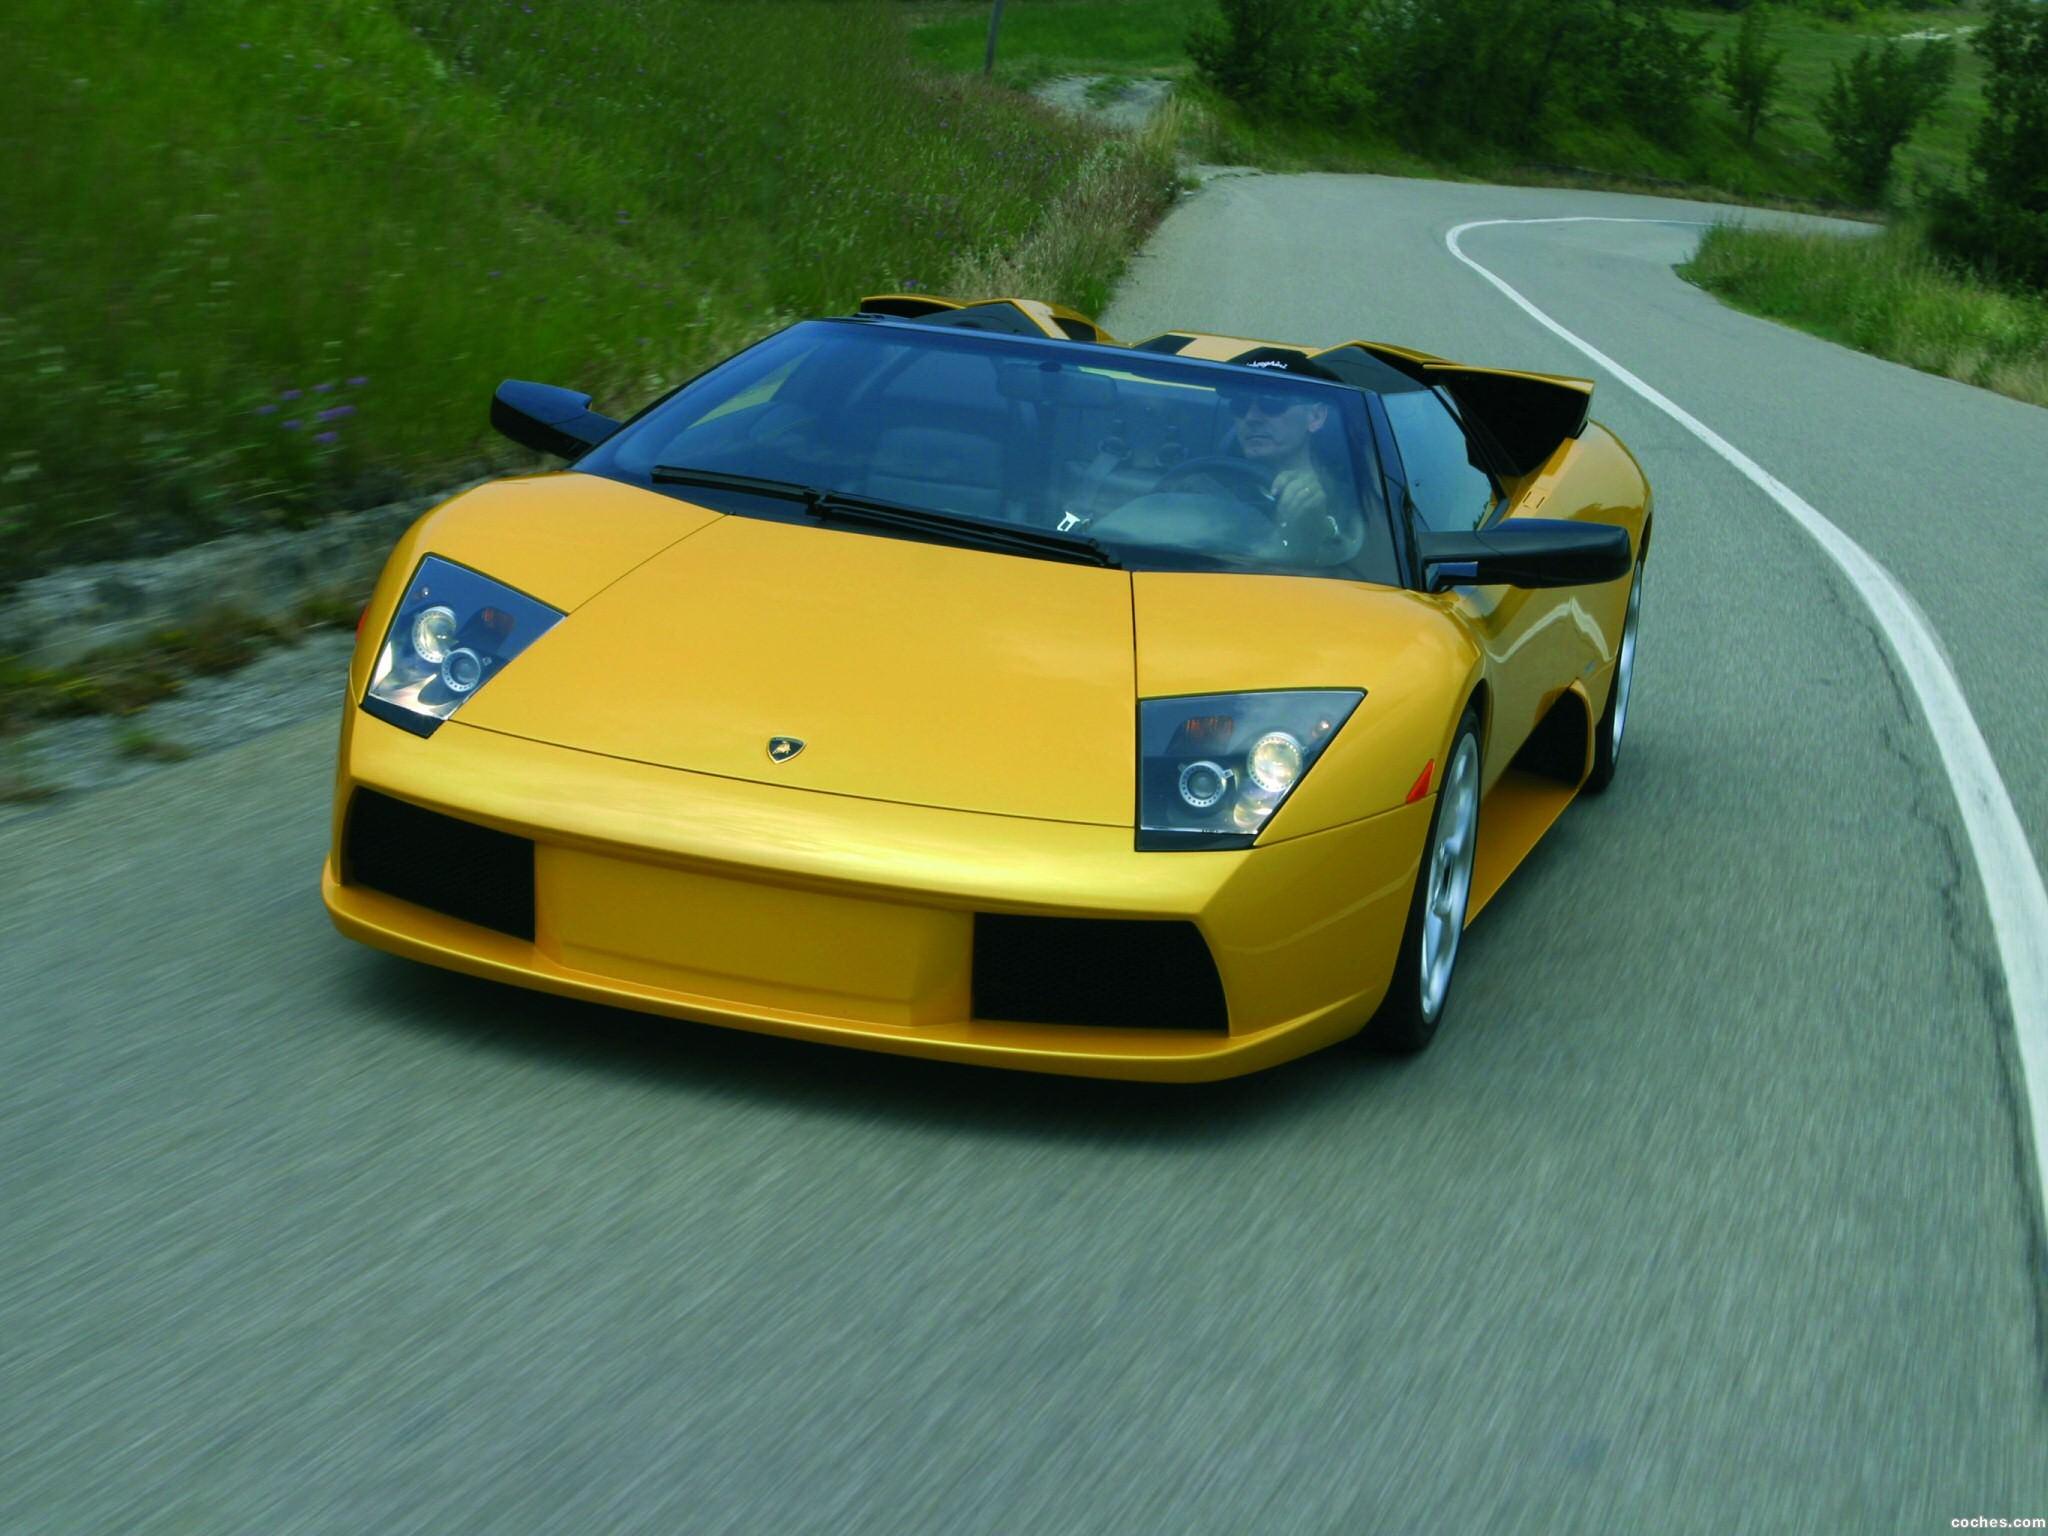 Foto 0 de Lamborghini Murcielago Barchetta 2004